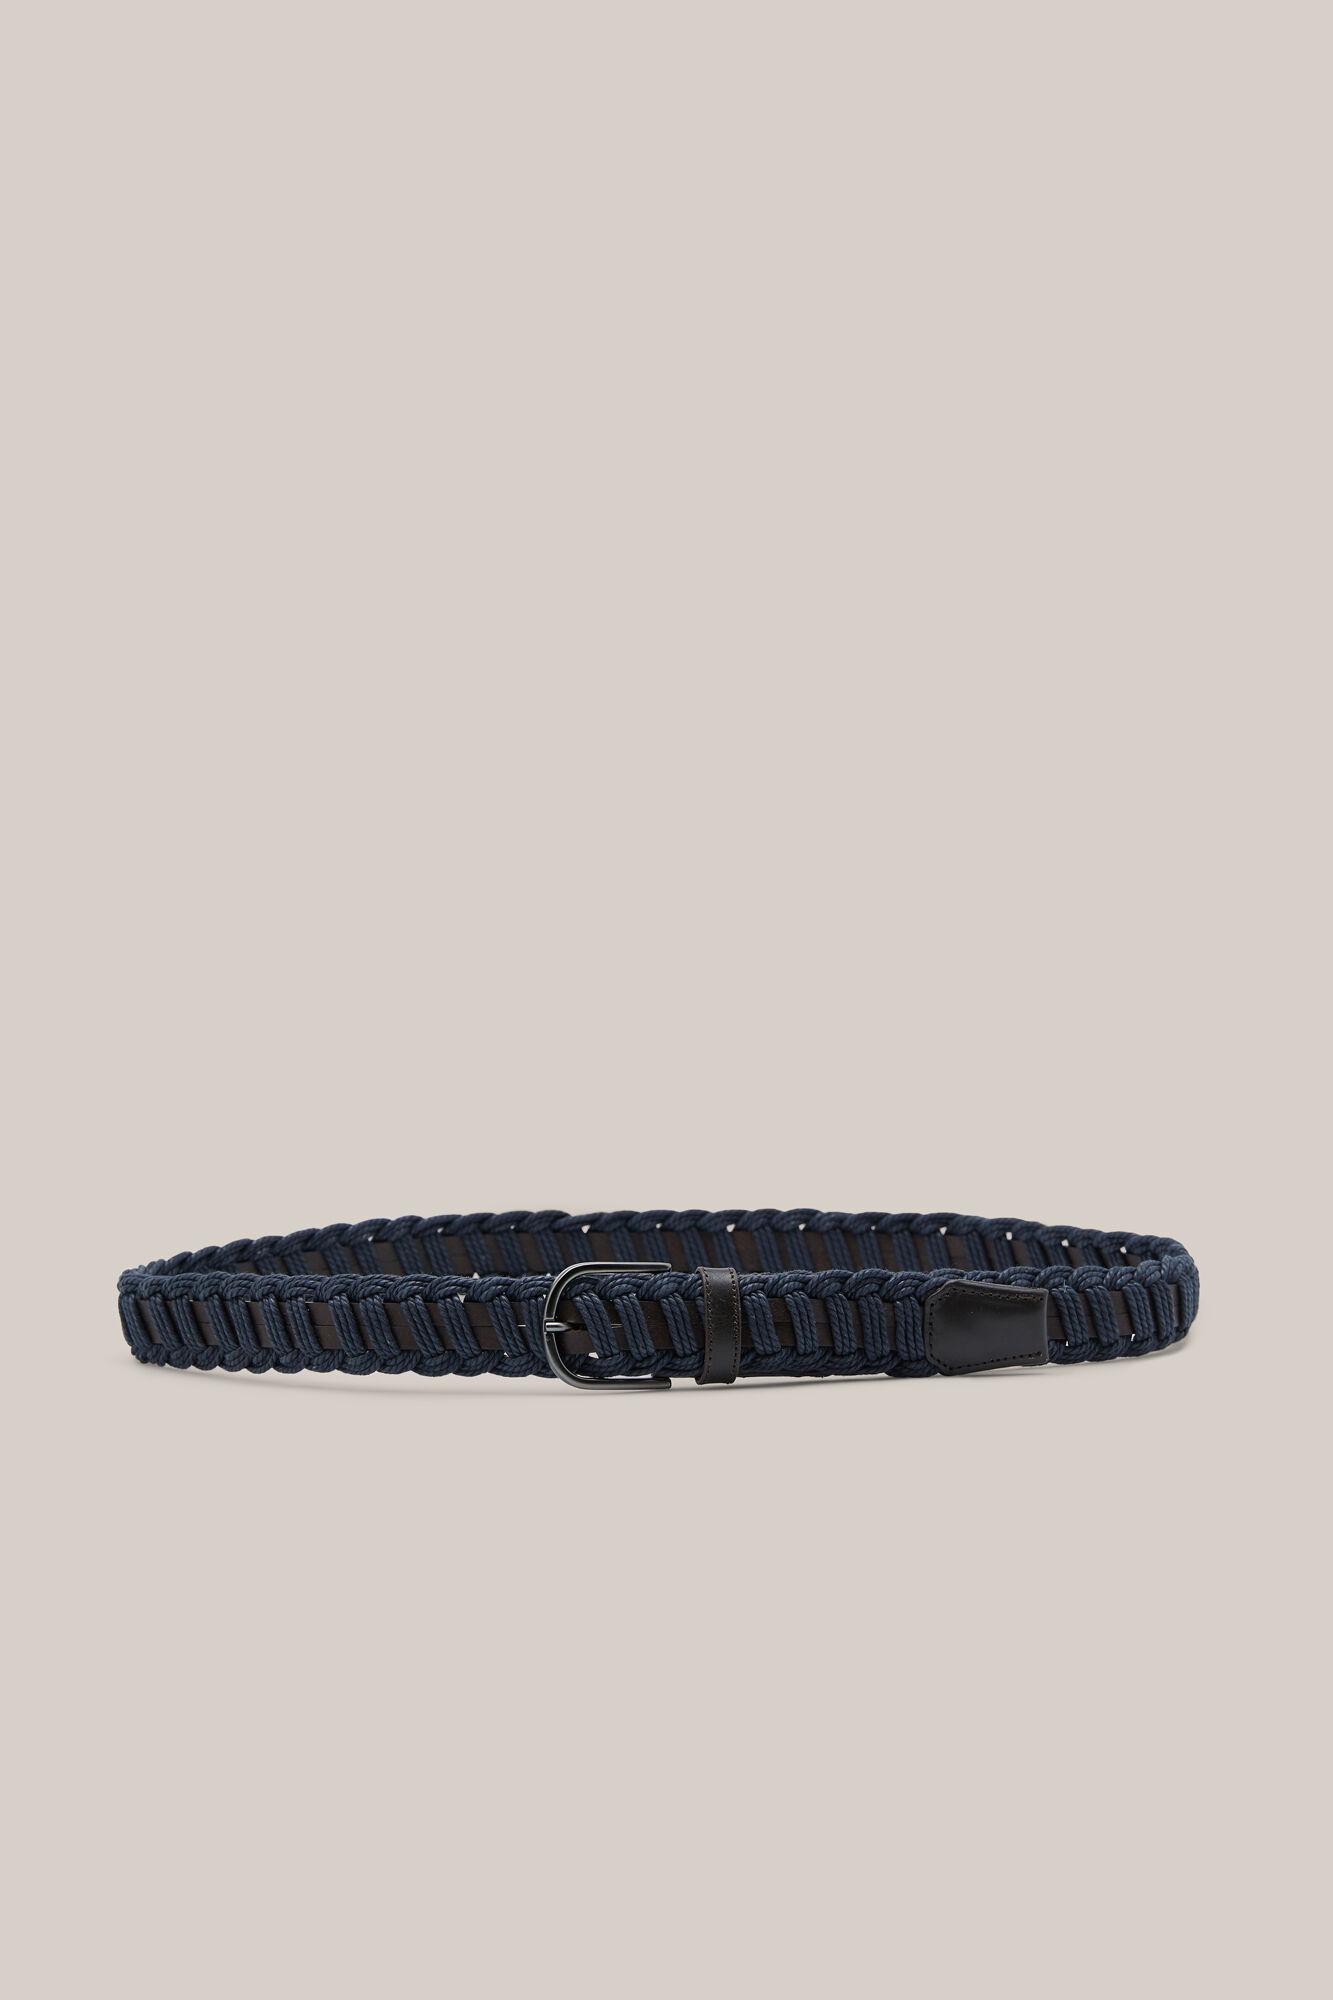 Cinturón trenzado combinado. Cortefiel. Cortefiel b9204a0b439f